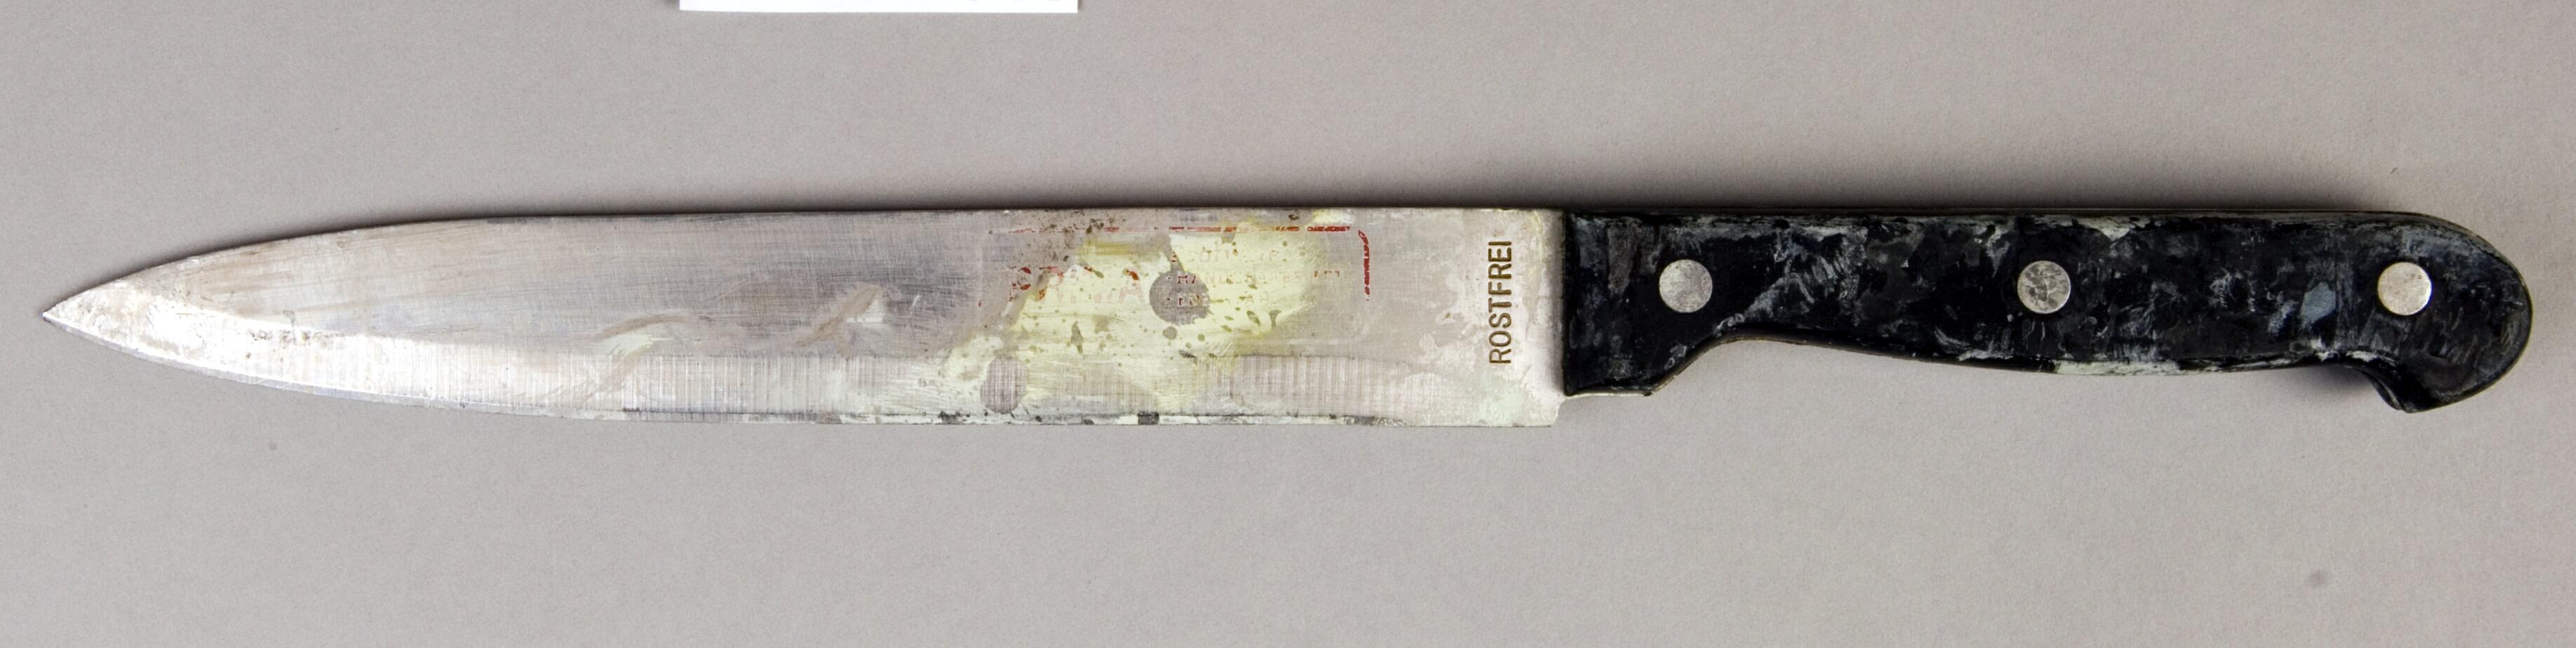 cnl_k_bishop_knife.jpg